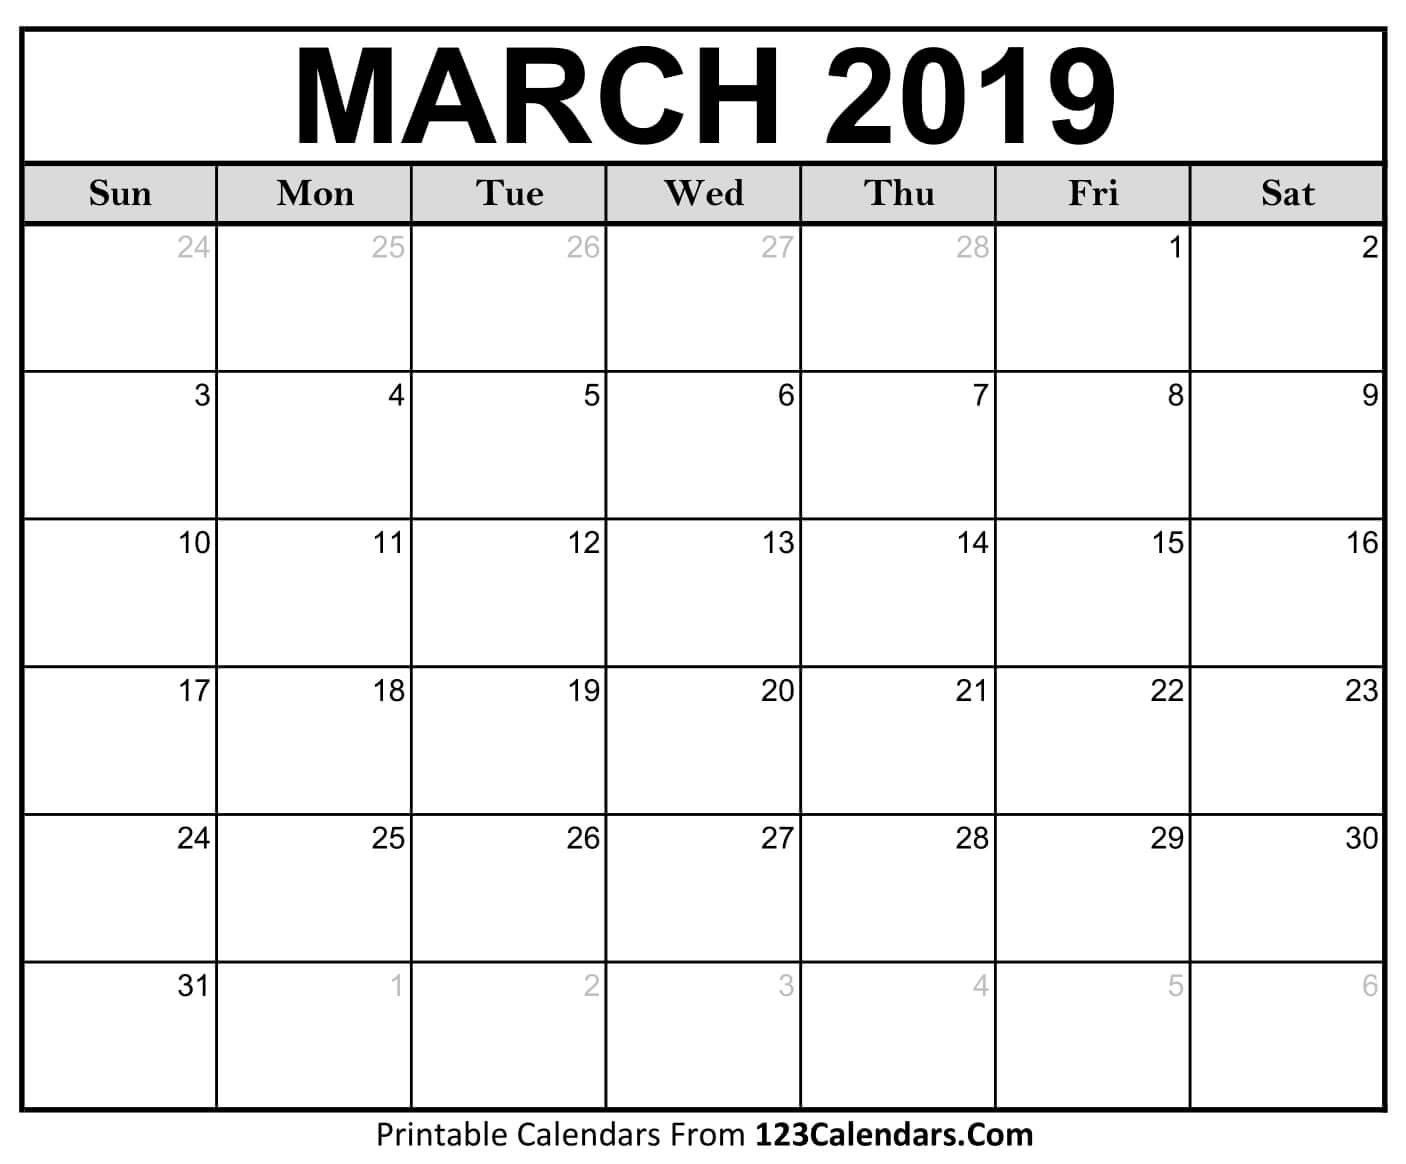 Printable March 2019 Calendar Templates – 123Calendars Calendar Of 2019 March